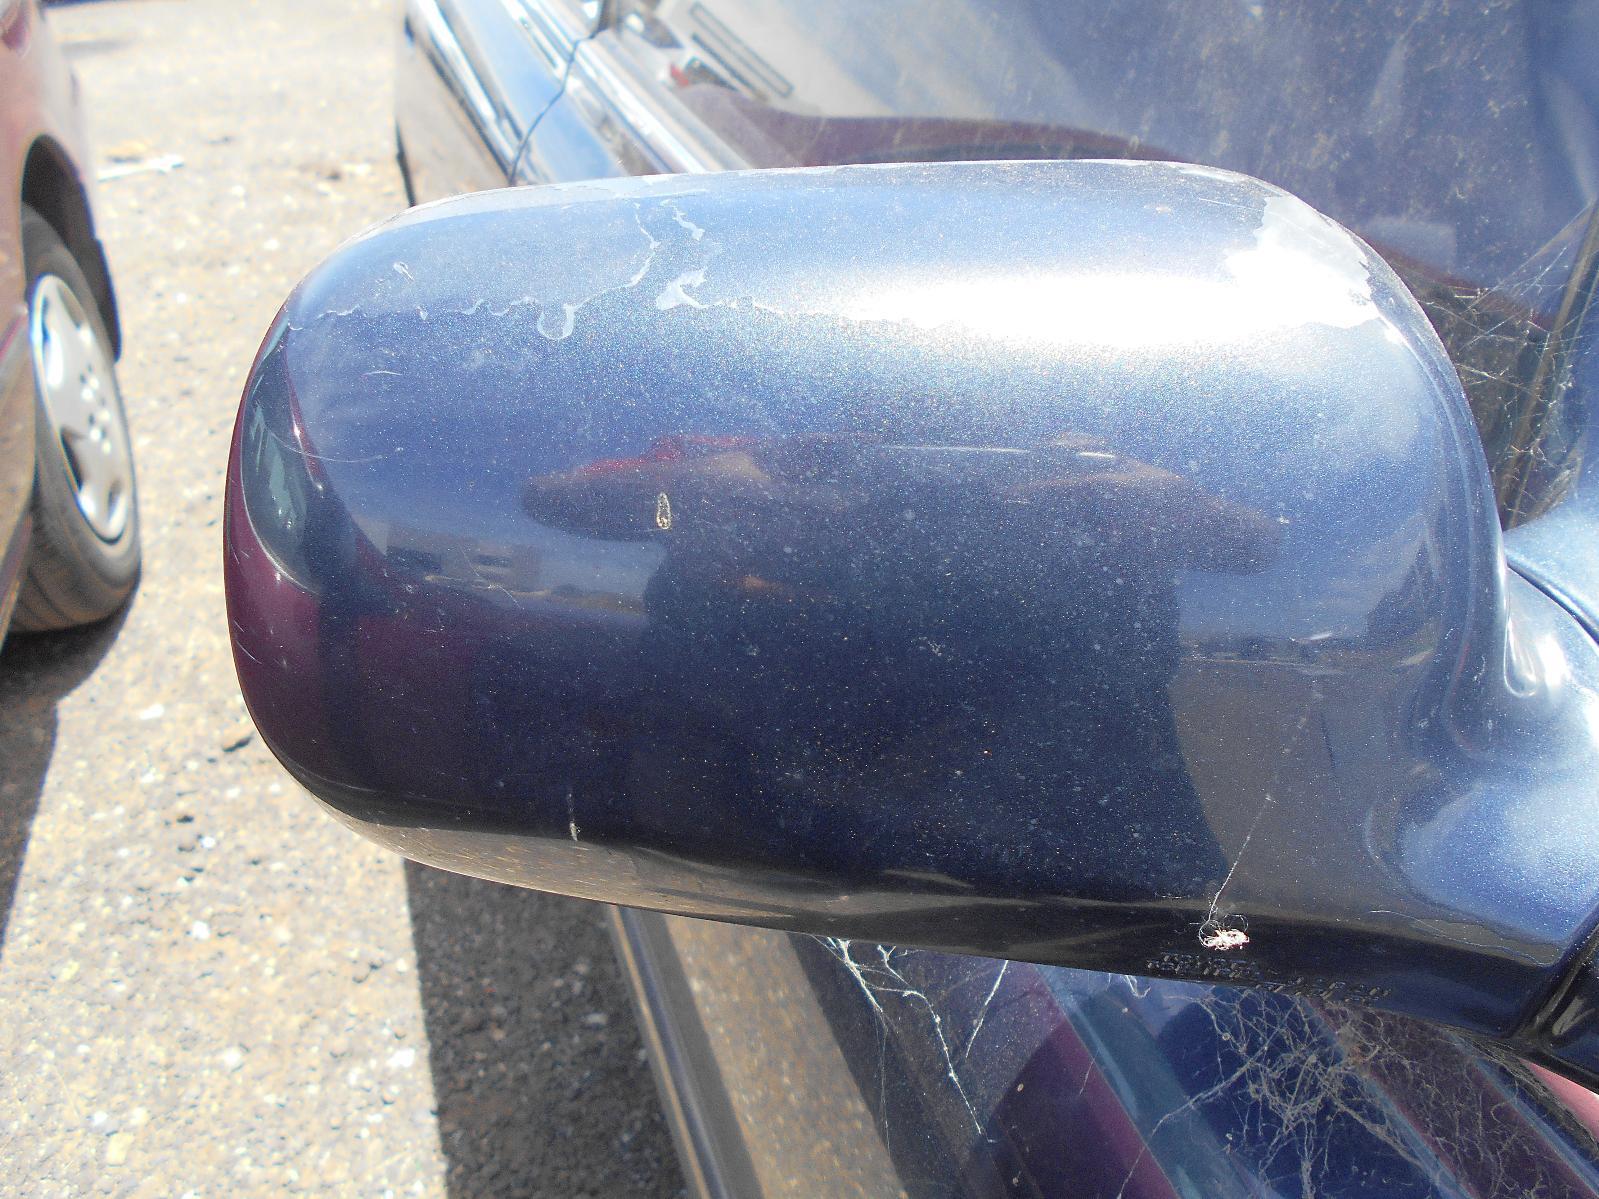 LEXUS ES300 (92-05), Right Door Mirror, XV10, 06/92-09/96